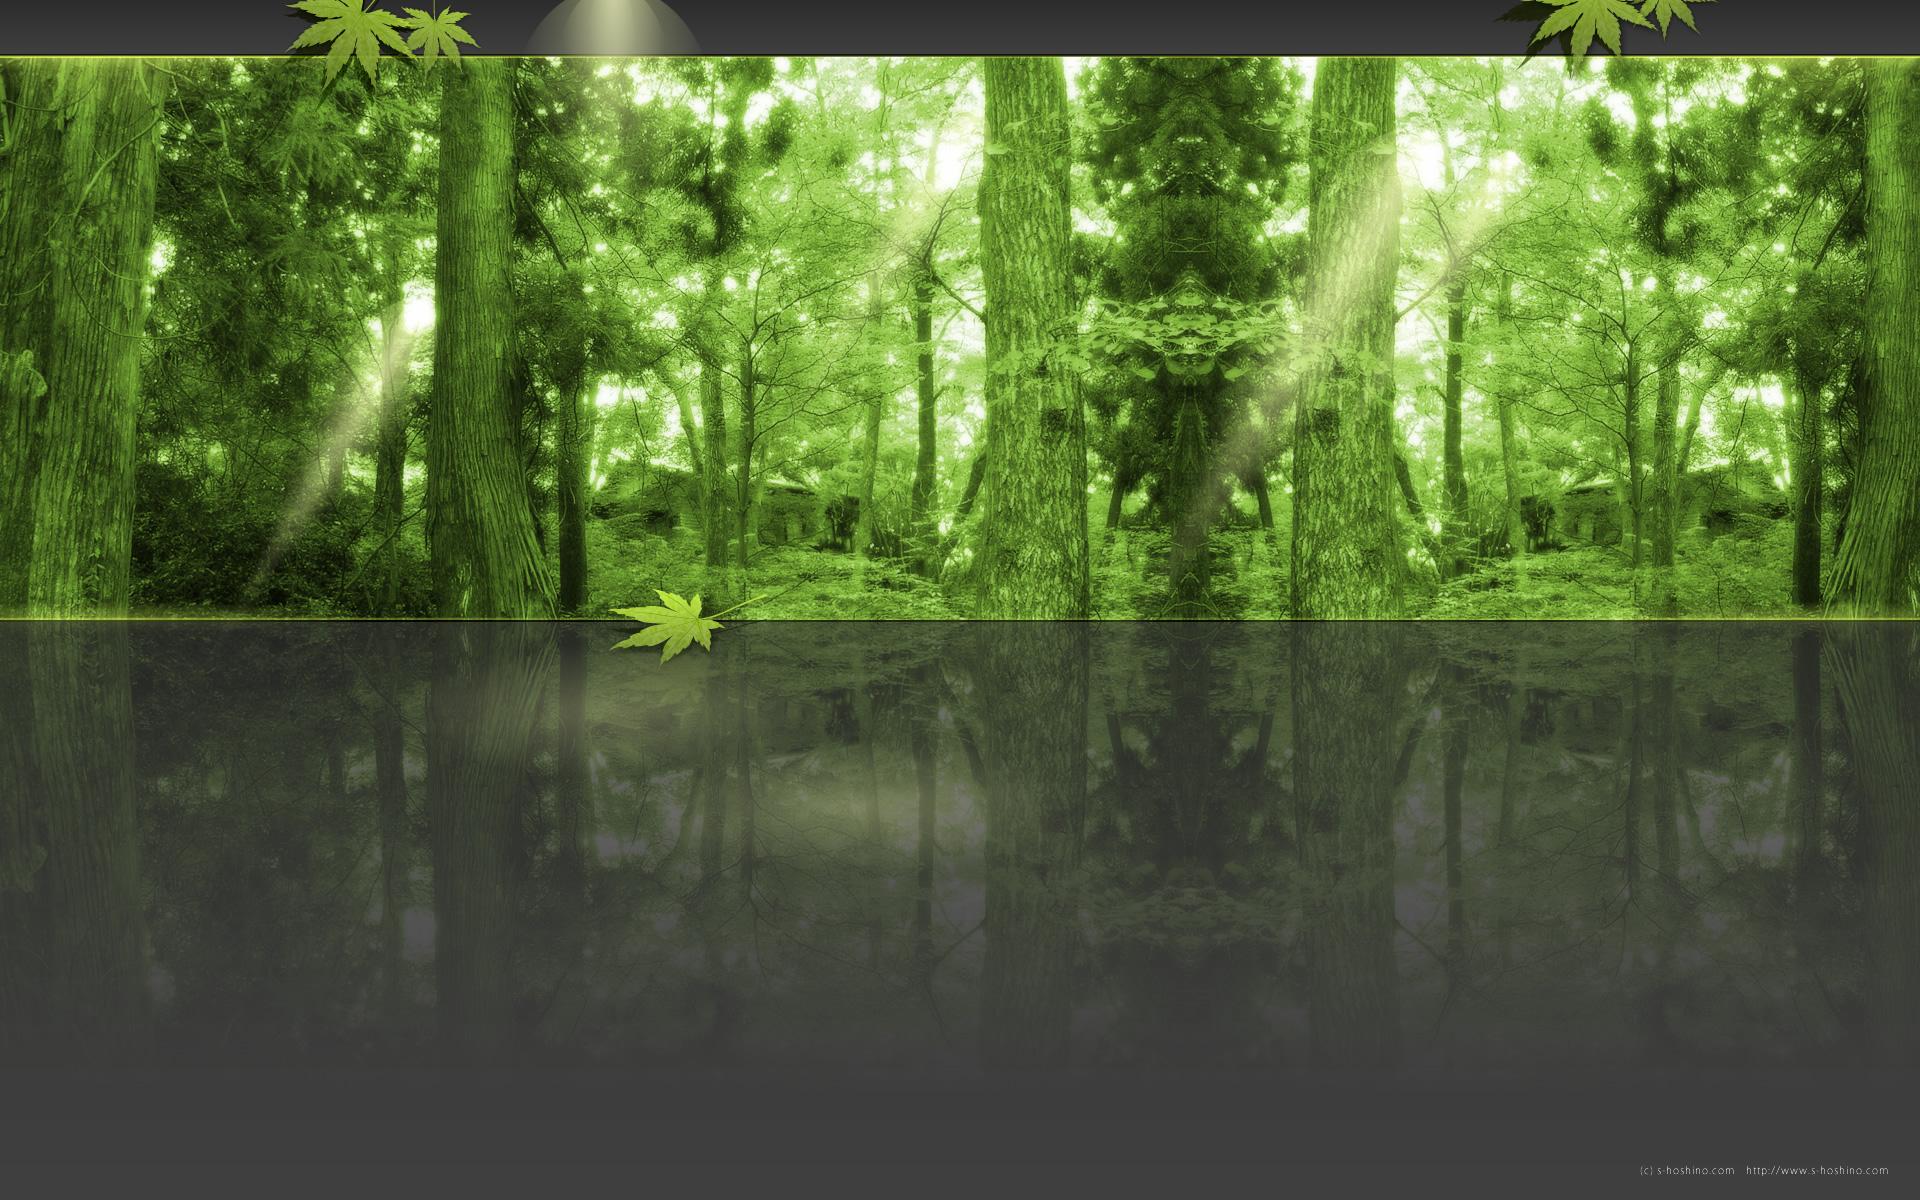 無料壁紙 創造的 デザイン背景 高画質素材